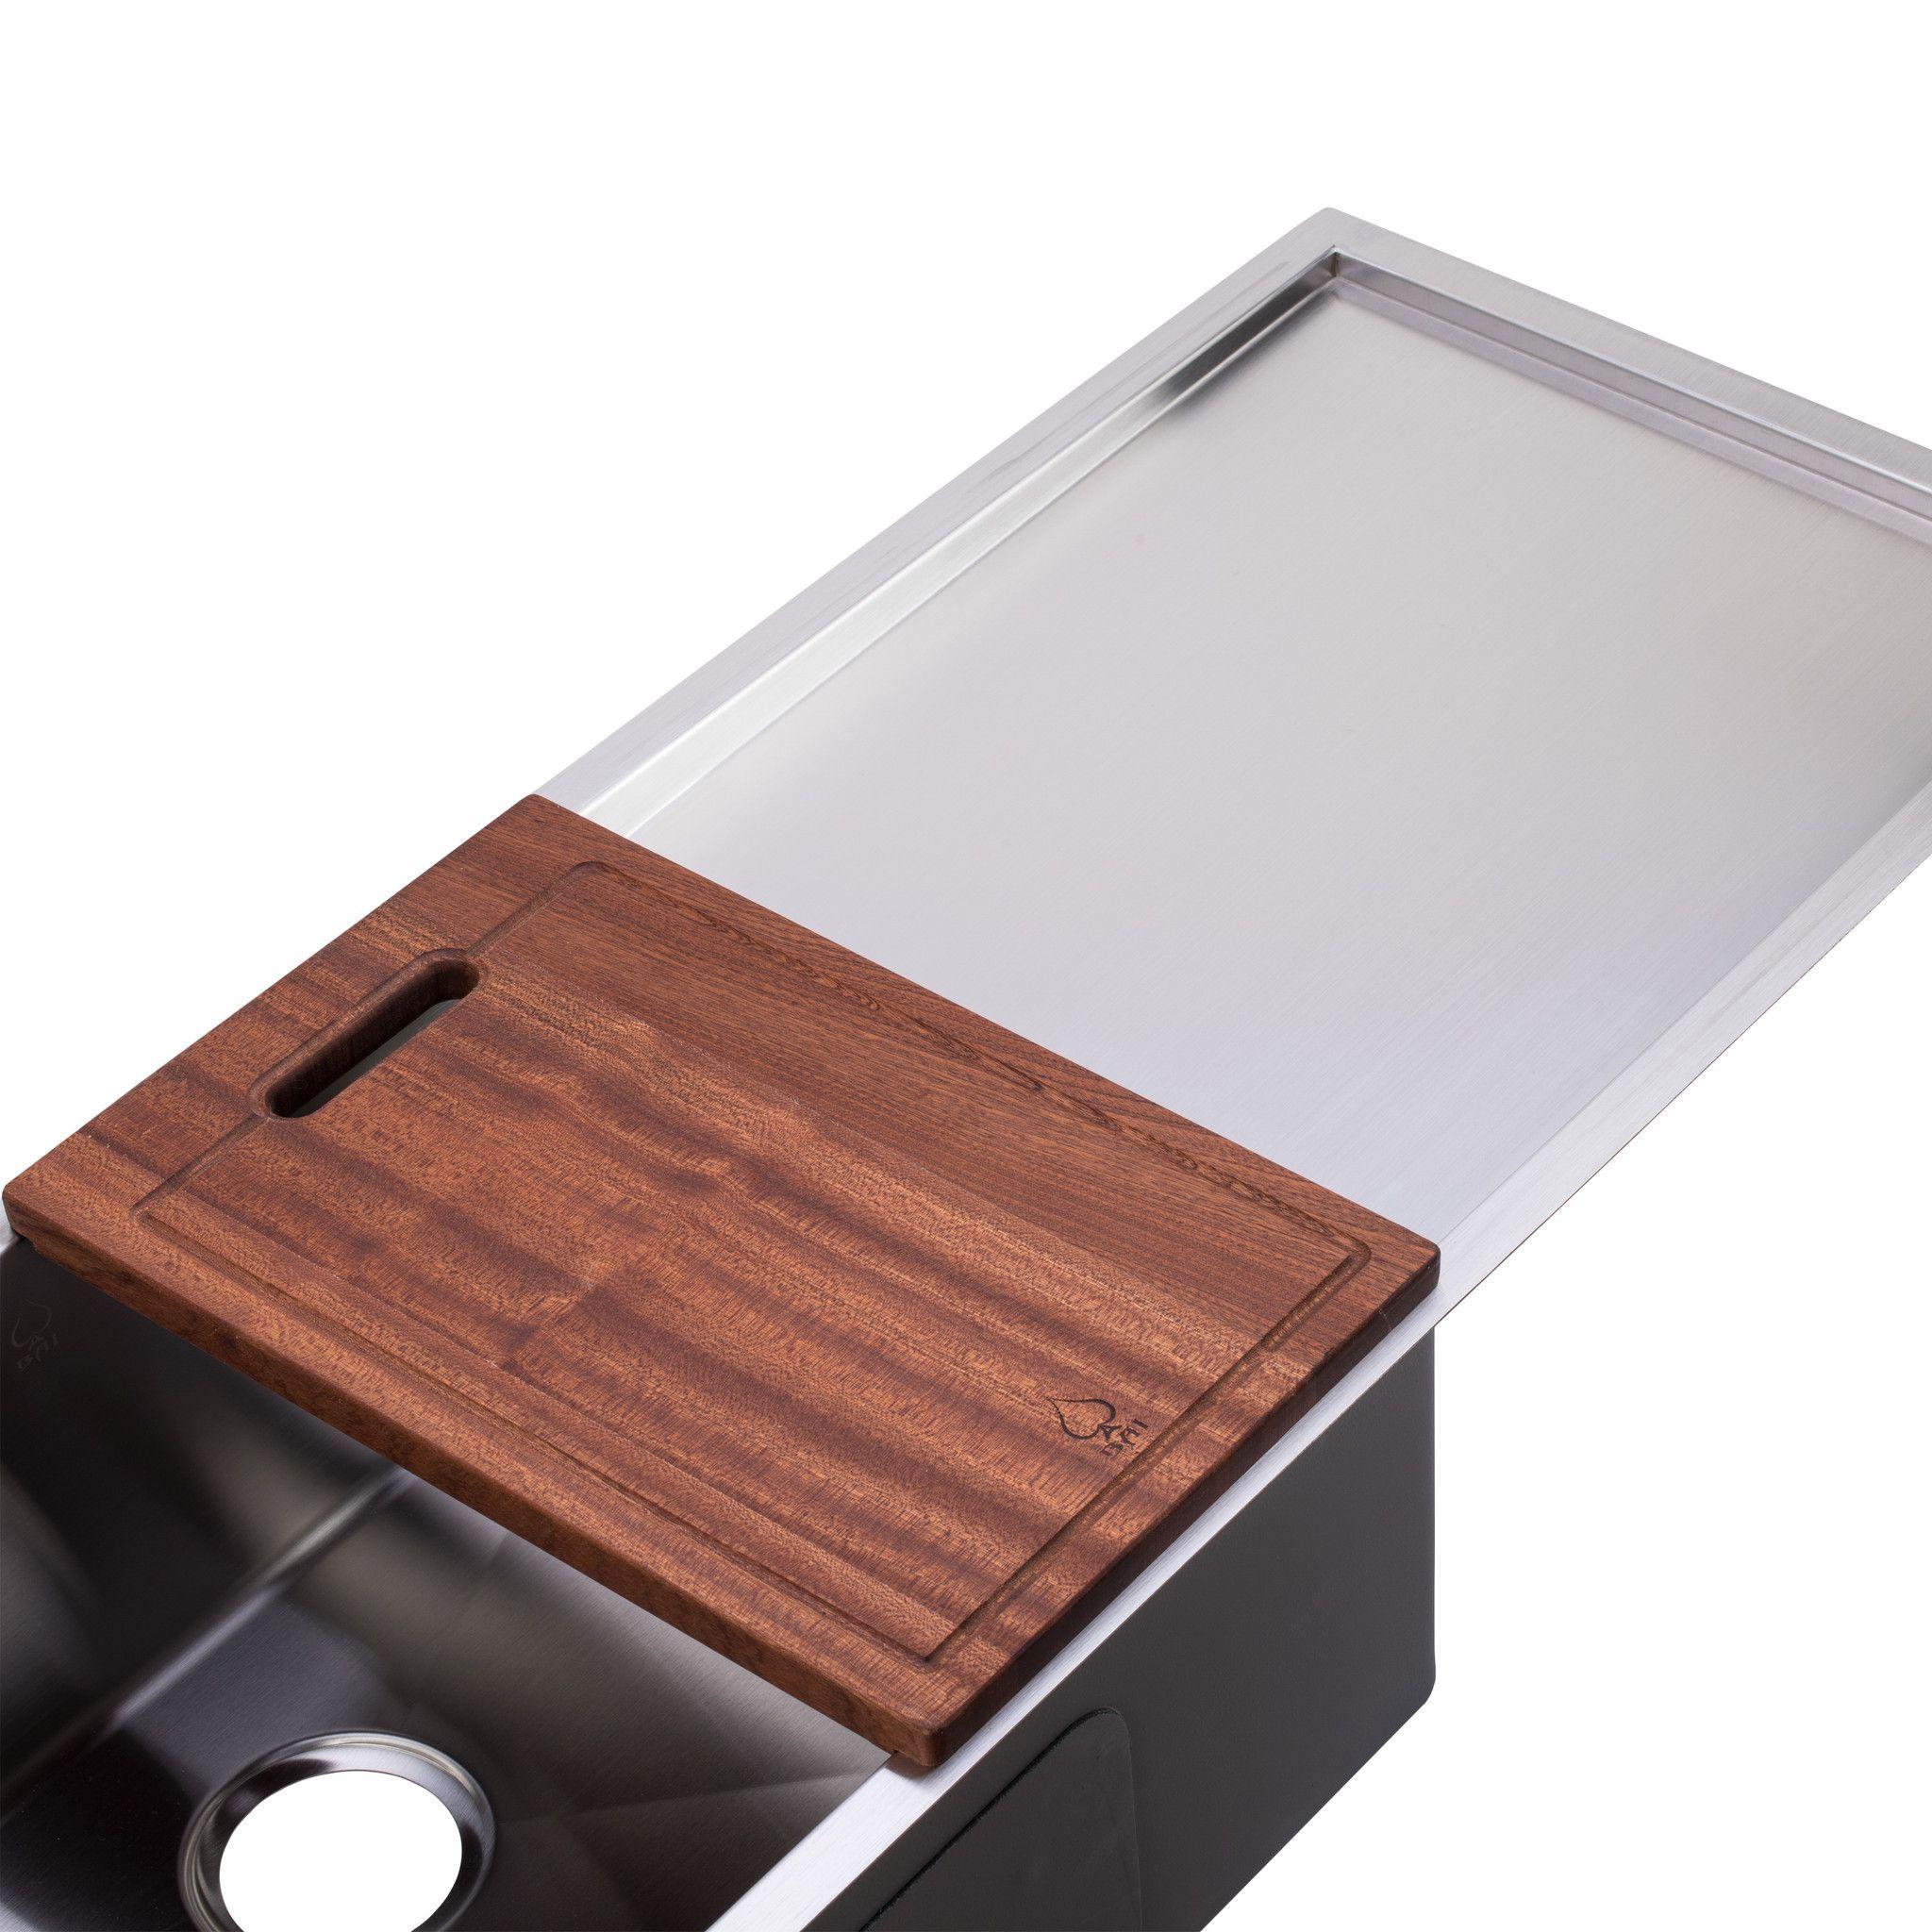 Bai 1253 stainless steel 16 gauge kitchen sink handmade 45